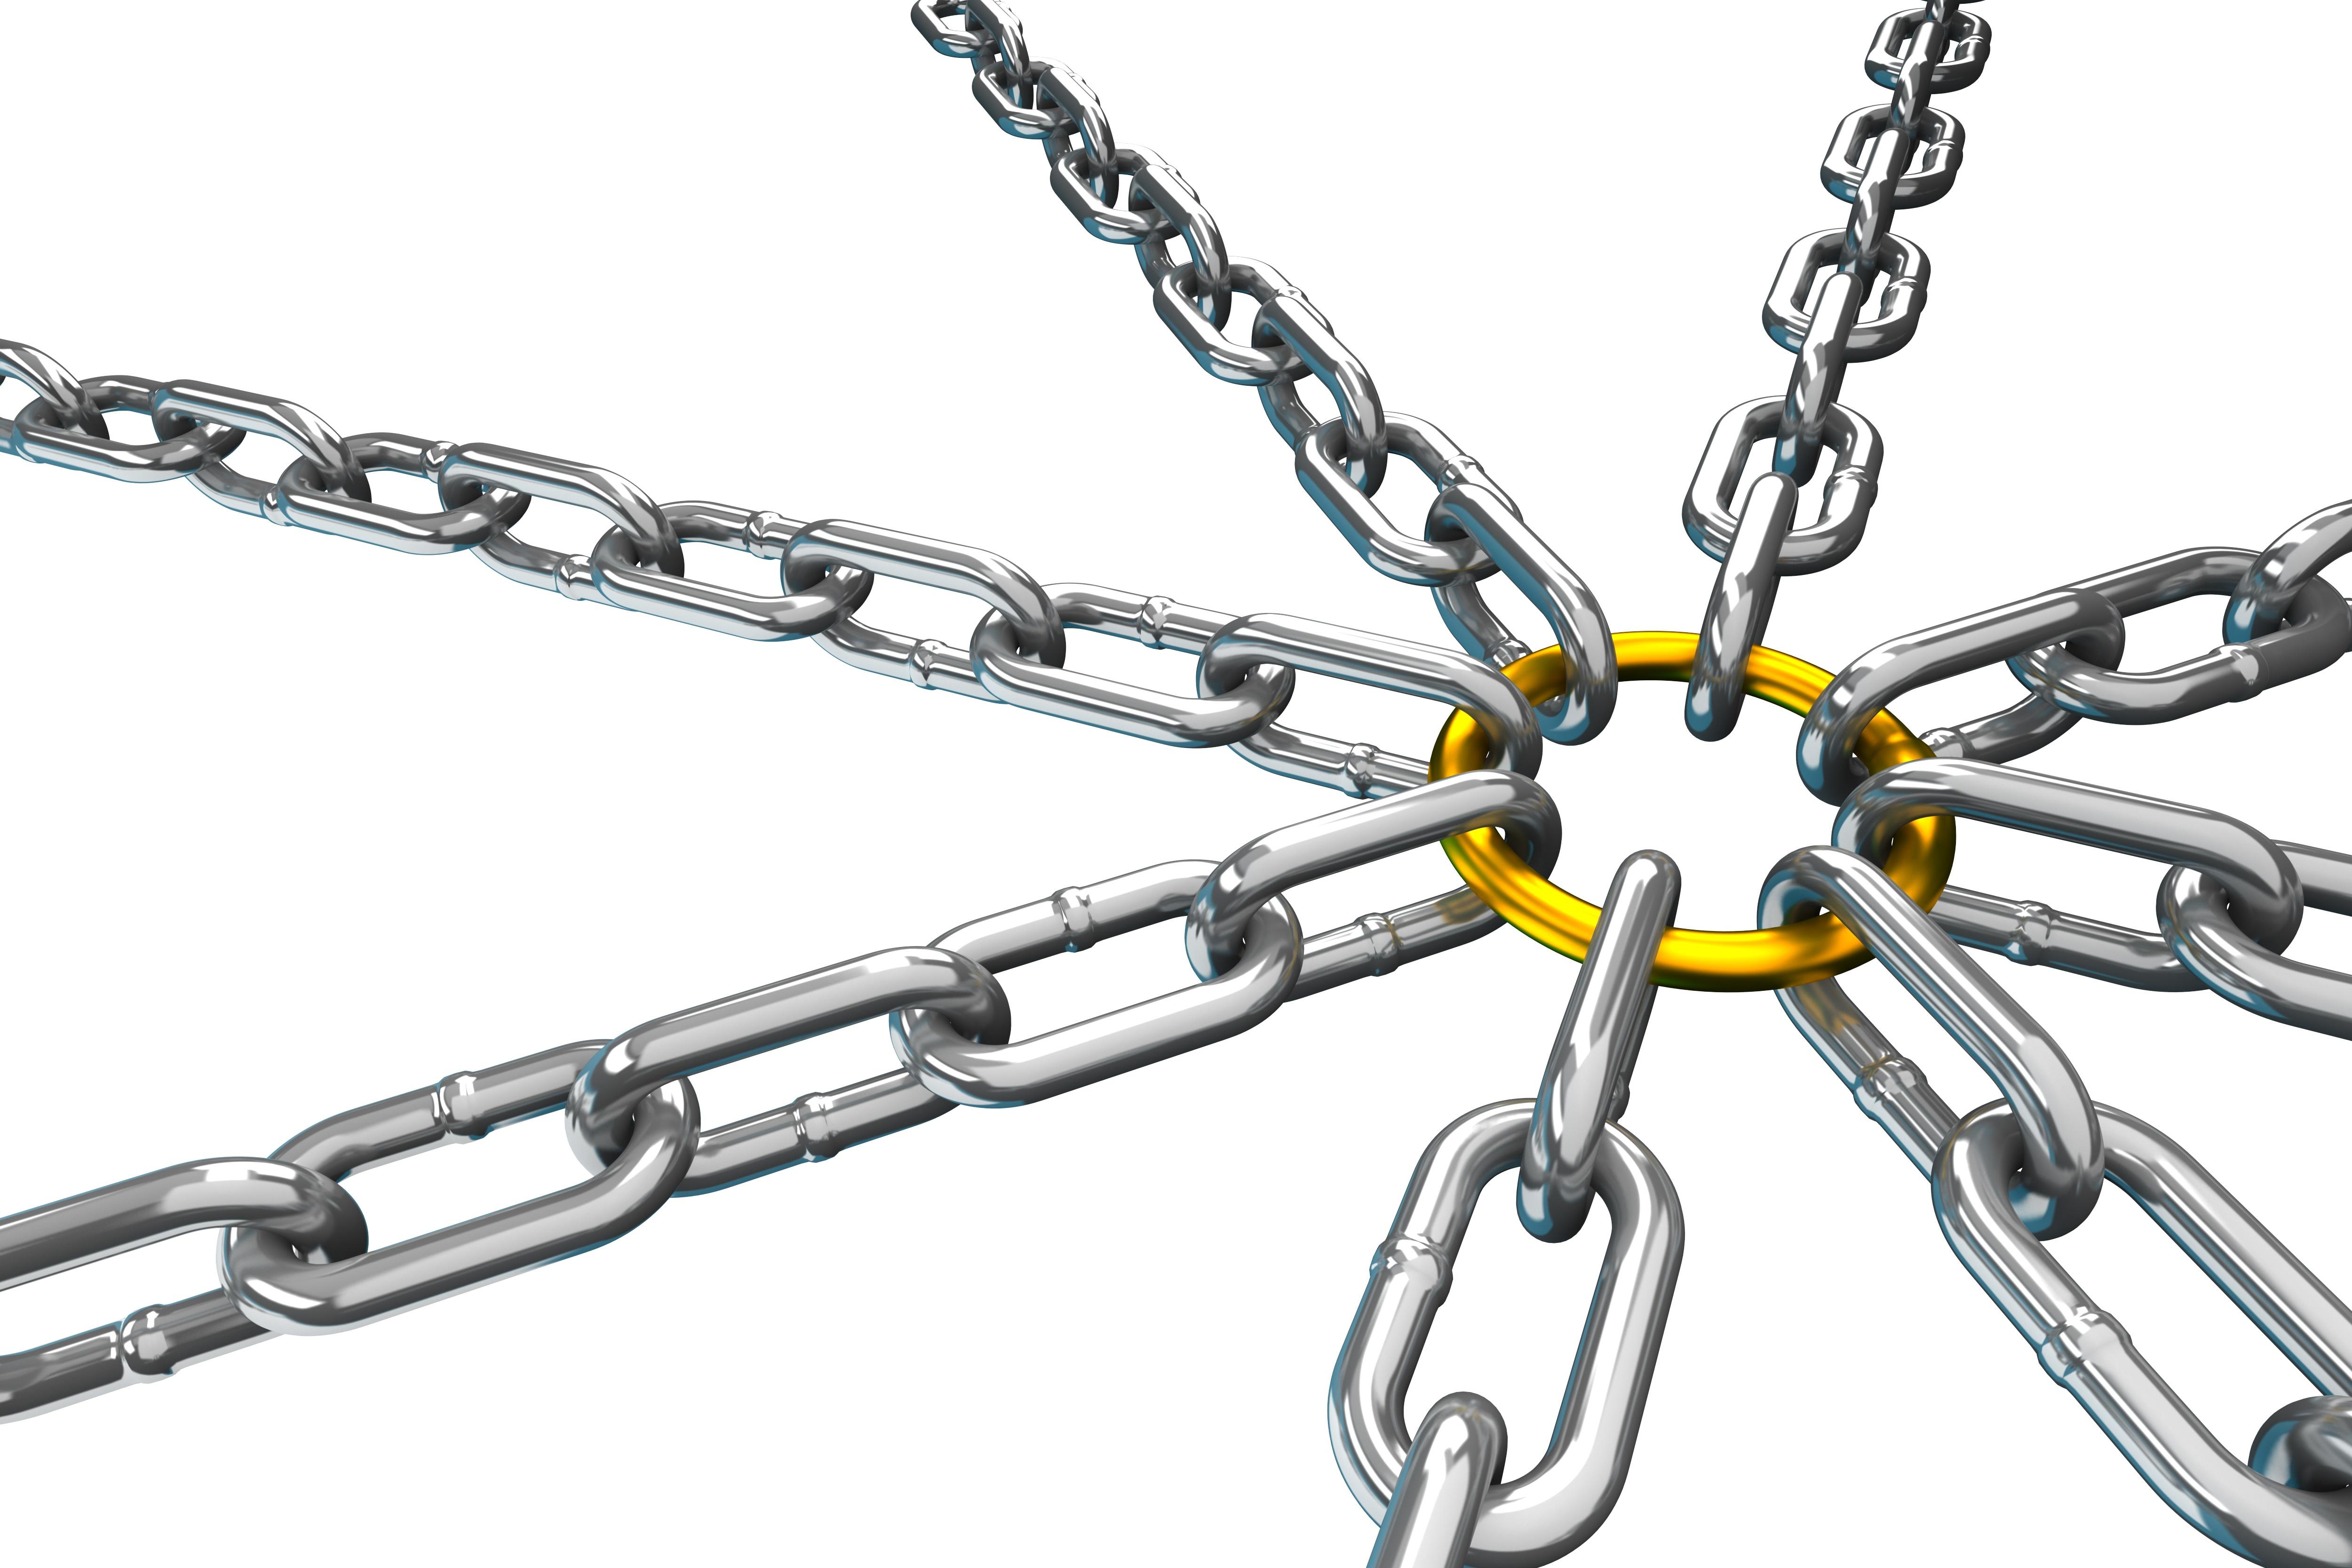 falta-de-planes-integrados-entre-sectores-y-niveles-de-gobiernos